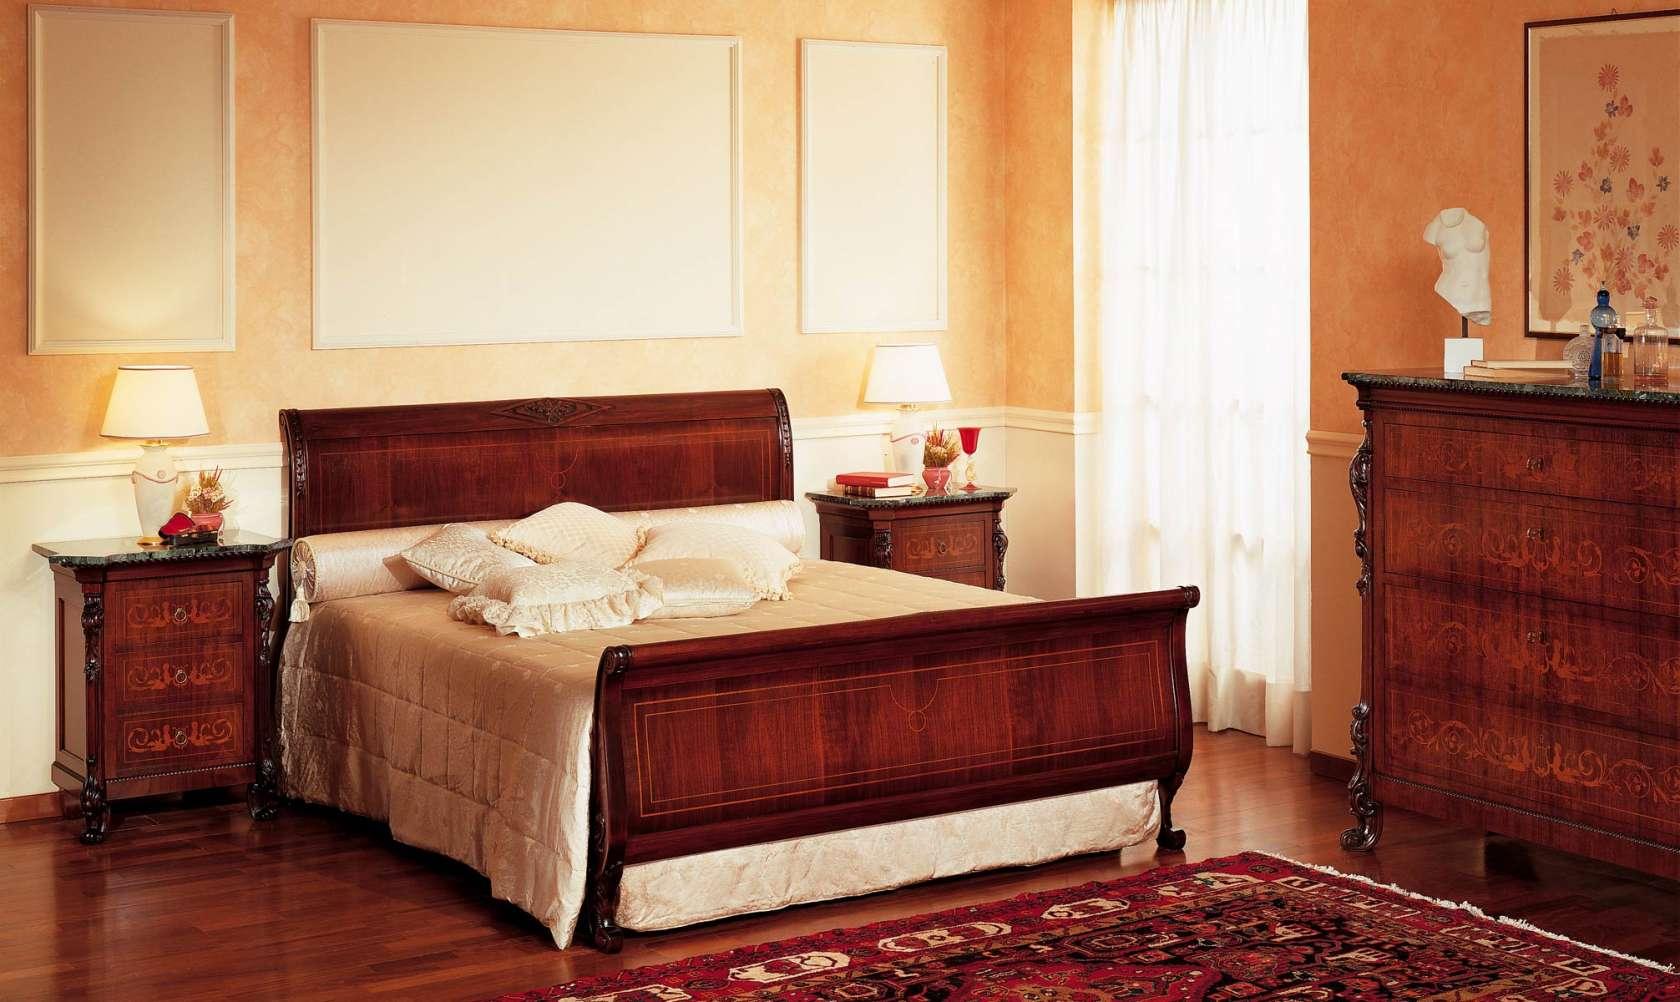 Camere Da Letto Stile Etnico Immagini : Camere da letto stile orientale interesting feng shui come